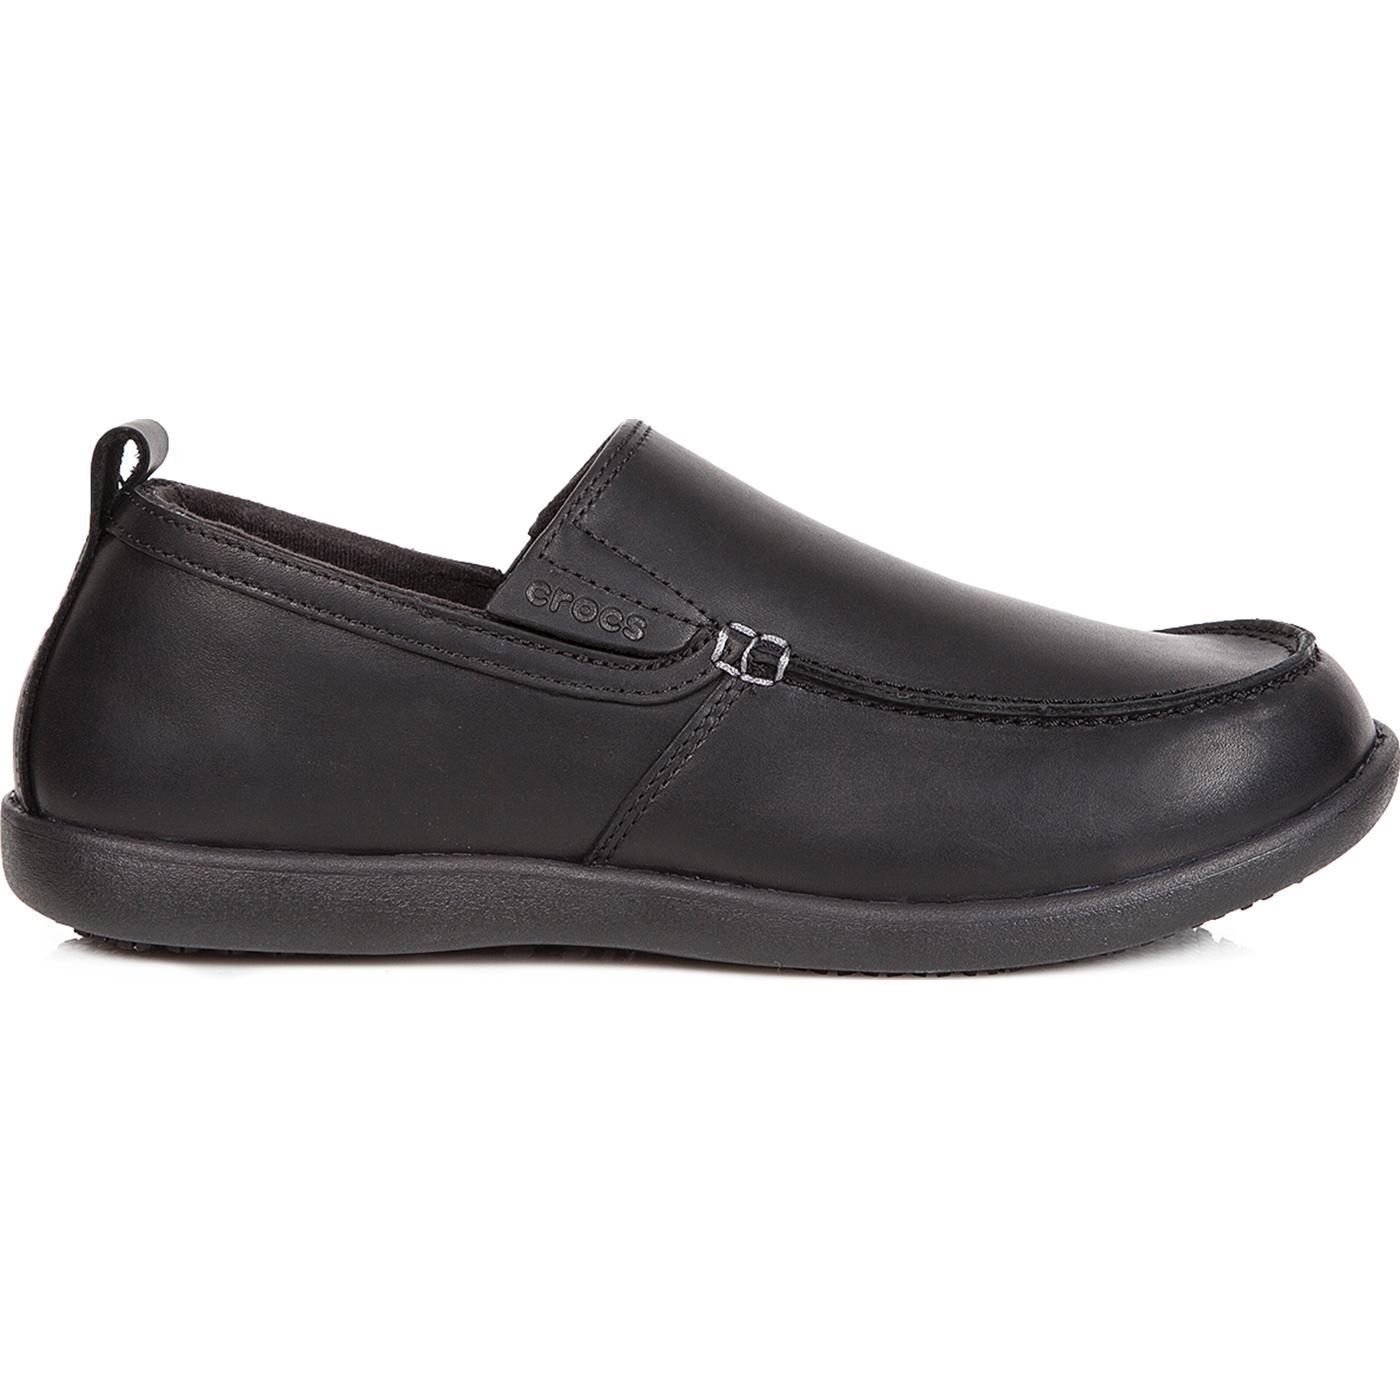 crocs tummler slip resistant slip on work shoe 12935001